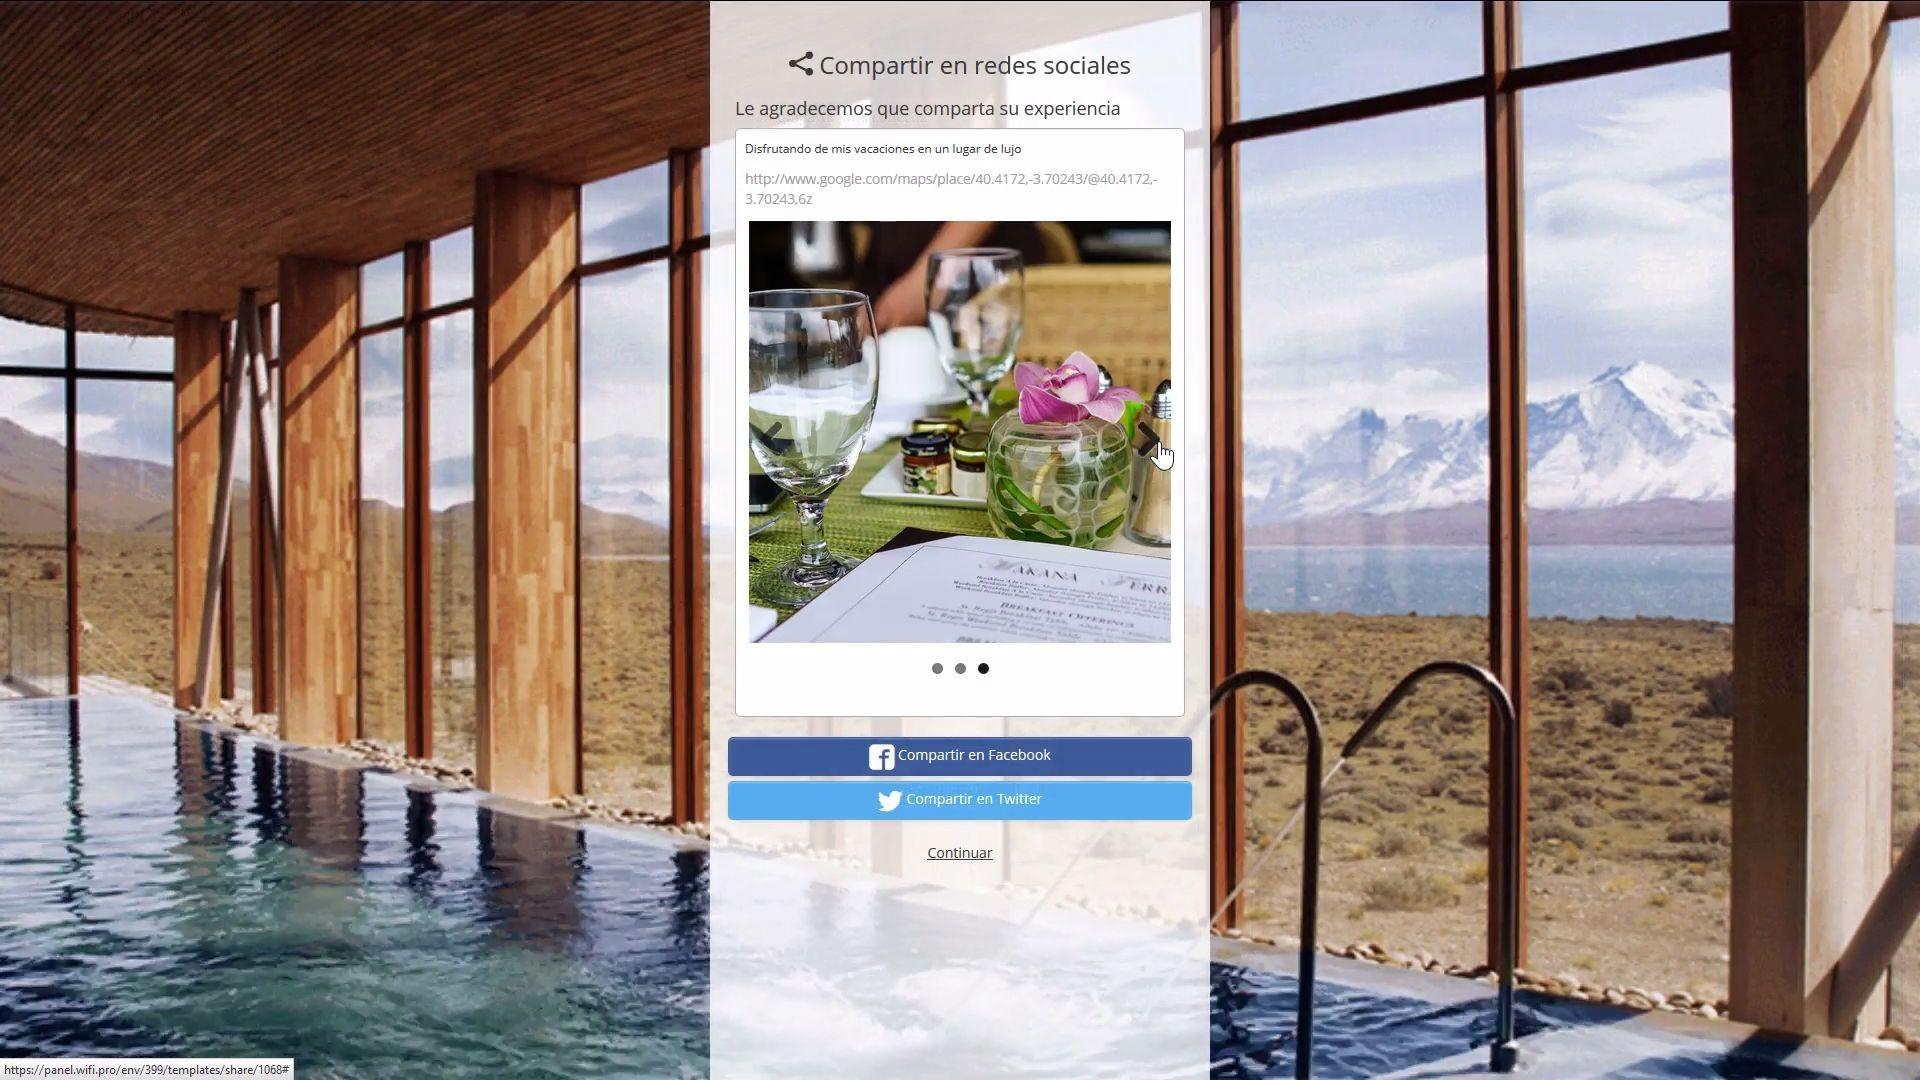 WiFi.PRO - 10 Portal cautivo herraminetas para comunicar